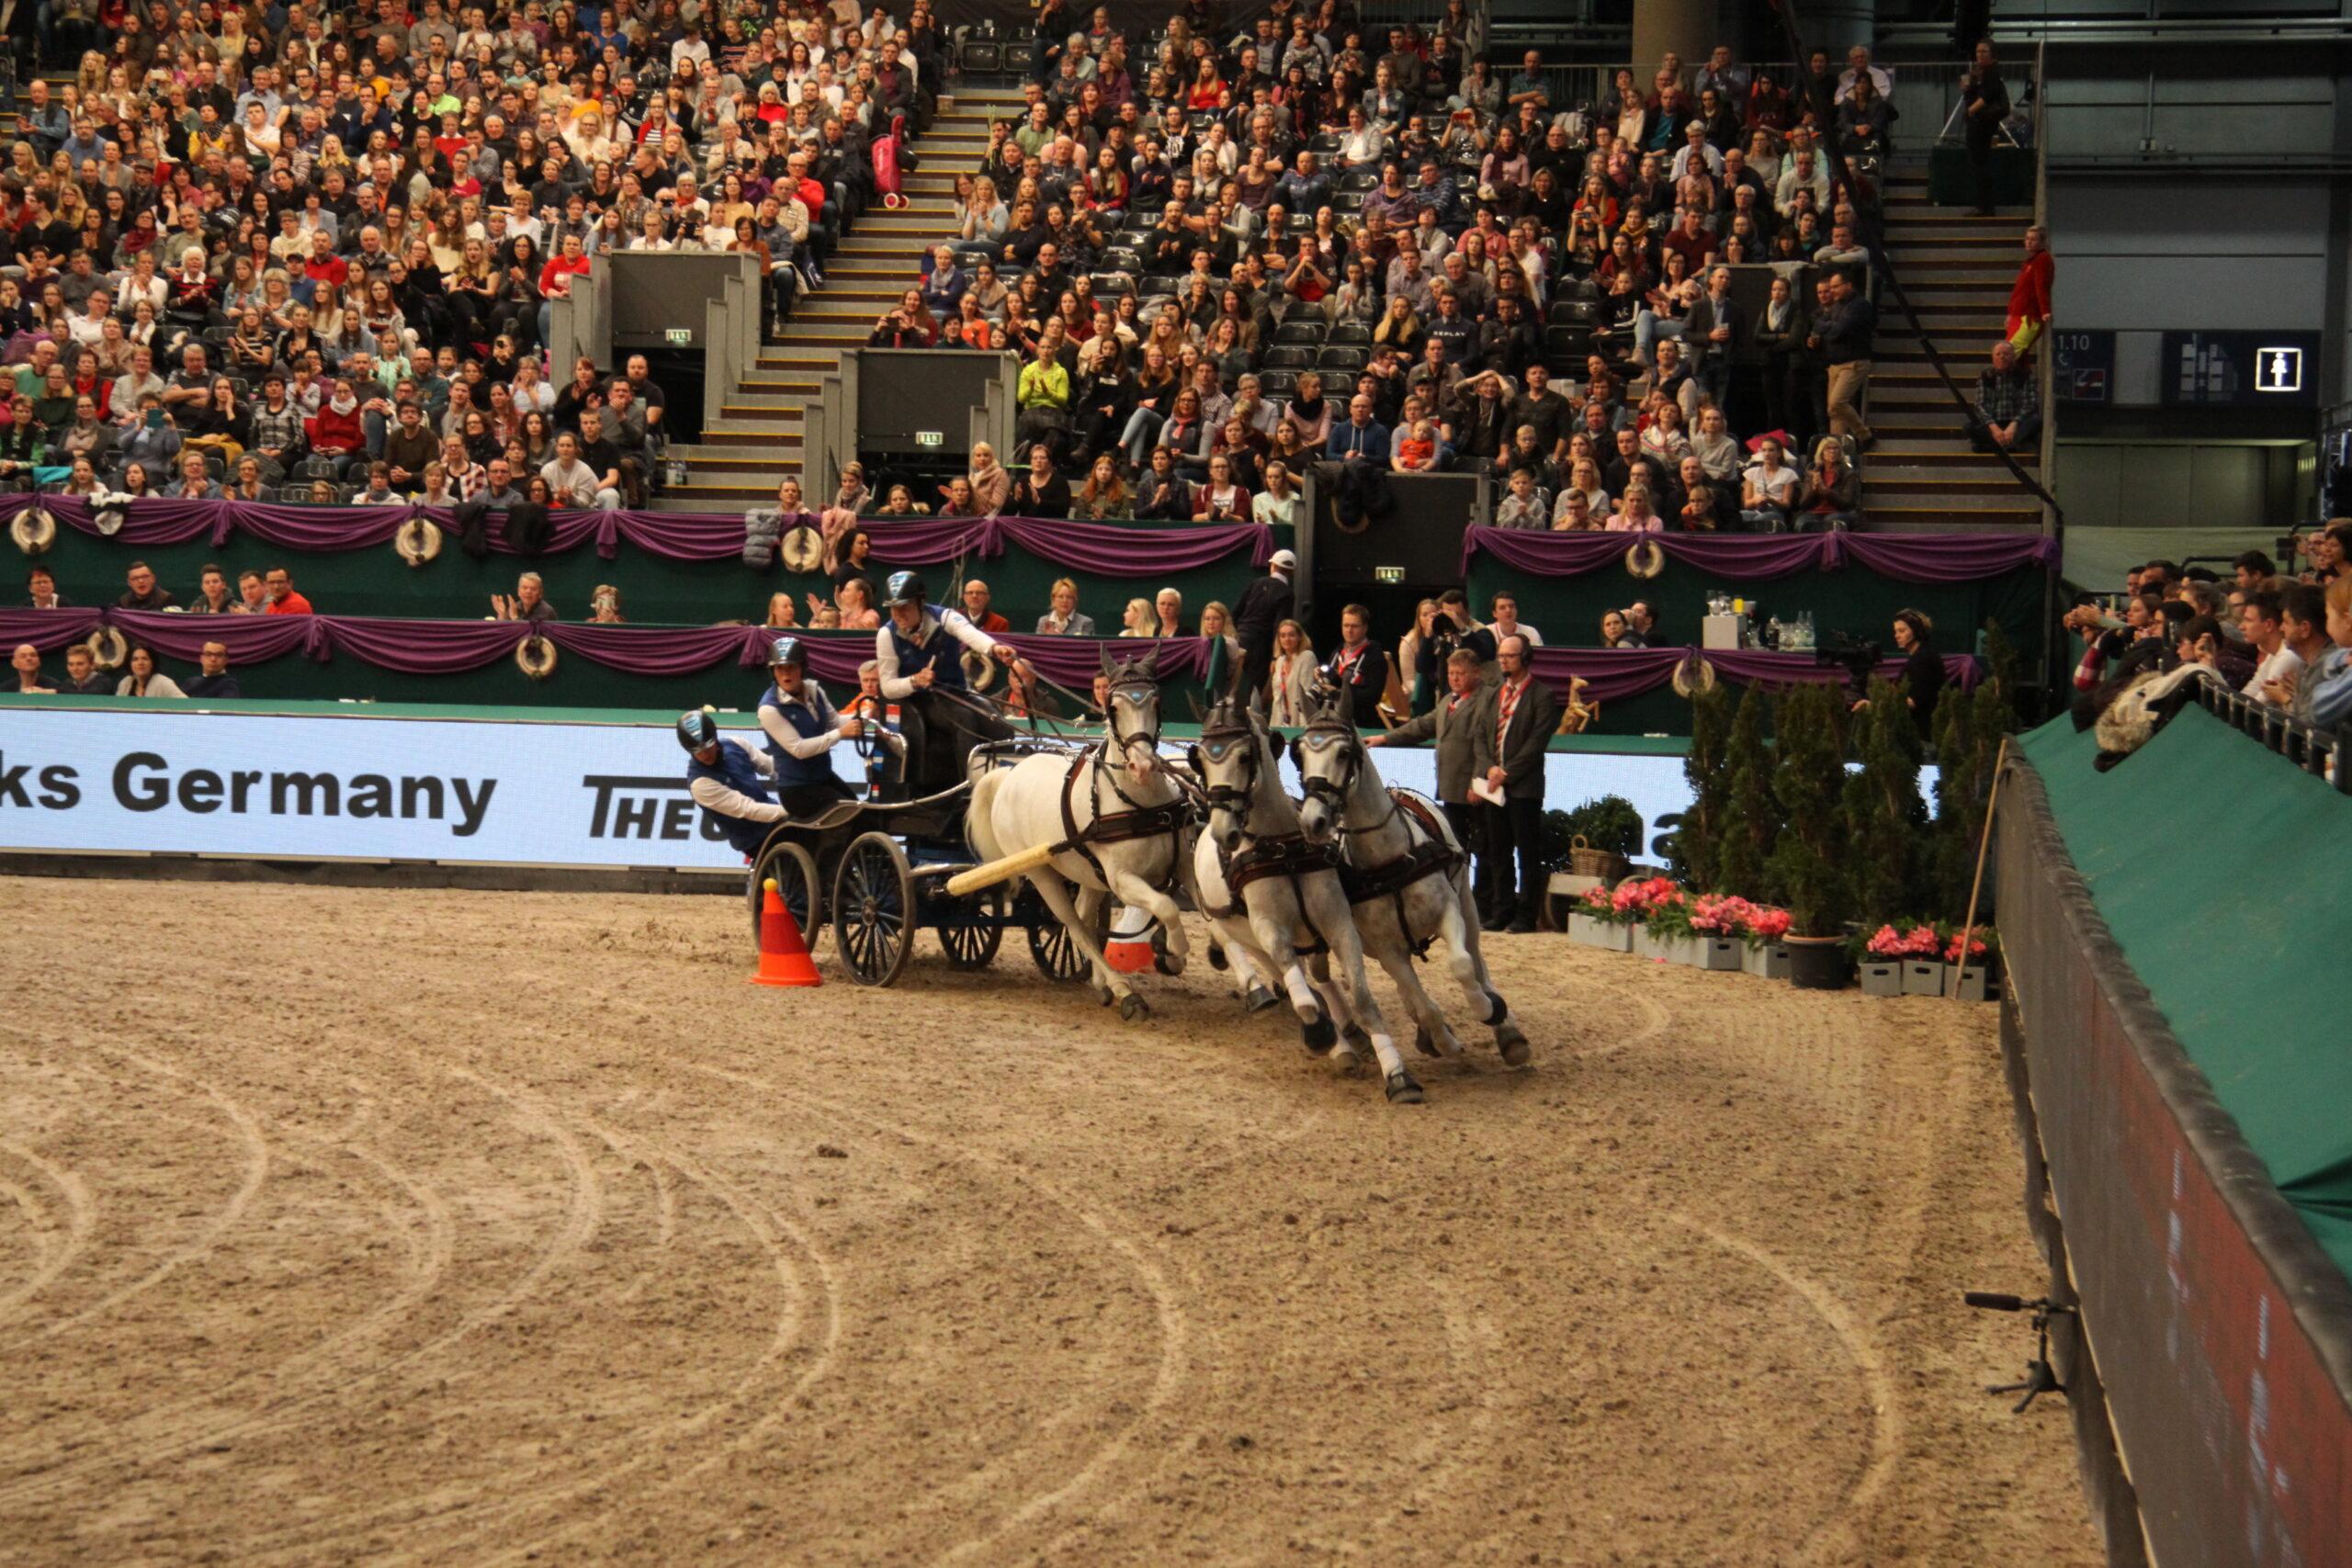 Pferdesport – Vierspänner-Fahren: Ein Vierspänner mit vier Schimmeln fährt eine scharfe Rechtskurve. Die Fahrer auf der Kutsche konzentrieren sich auf das Hindernis, das sie durchfahren. Im Hintergrund ist eine voll gefüllte Zuschauertribüne, Foto: Kati Lomb.